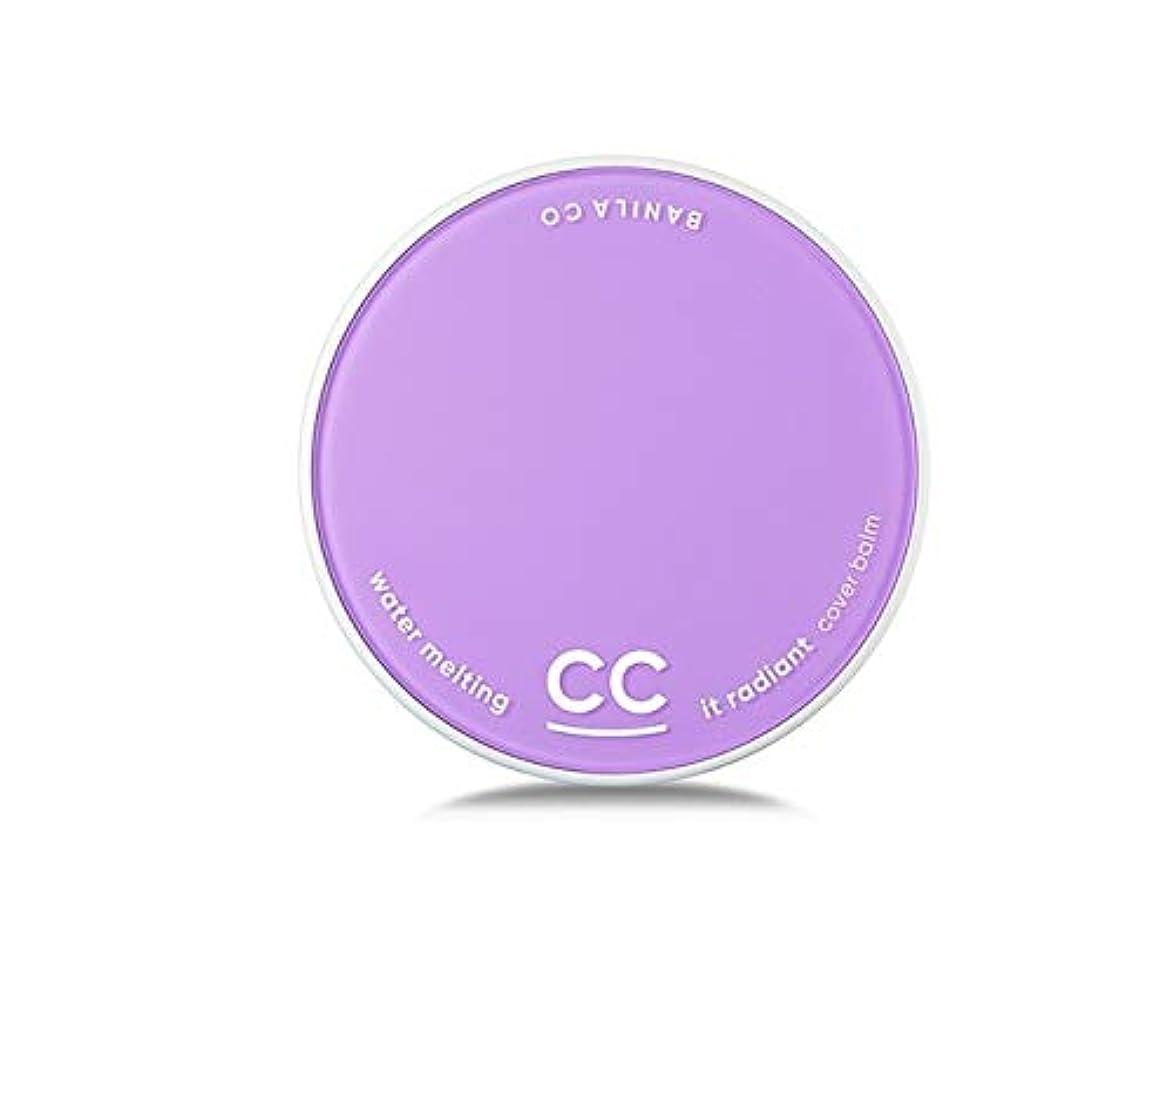 驚かす肩をすくめるピカソbanilaco イットラディアントCCエッセンスカバーバーム/It Radiant CC Essence Cover Balm 15g # Light Beige [並行輸入品]